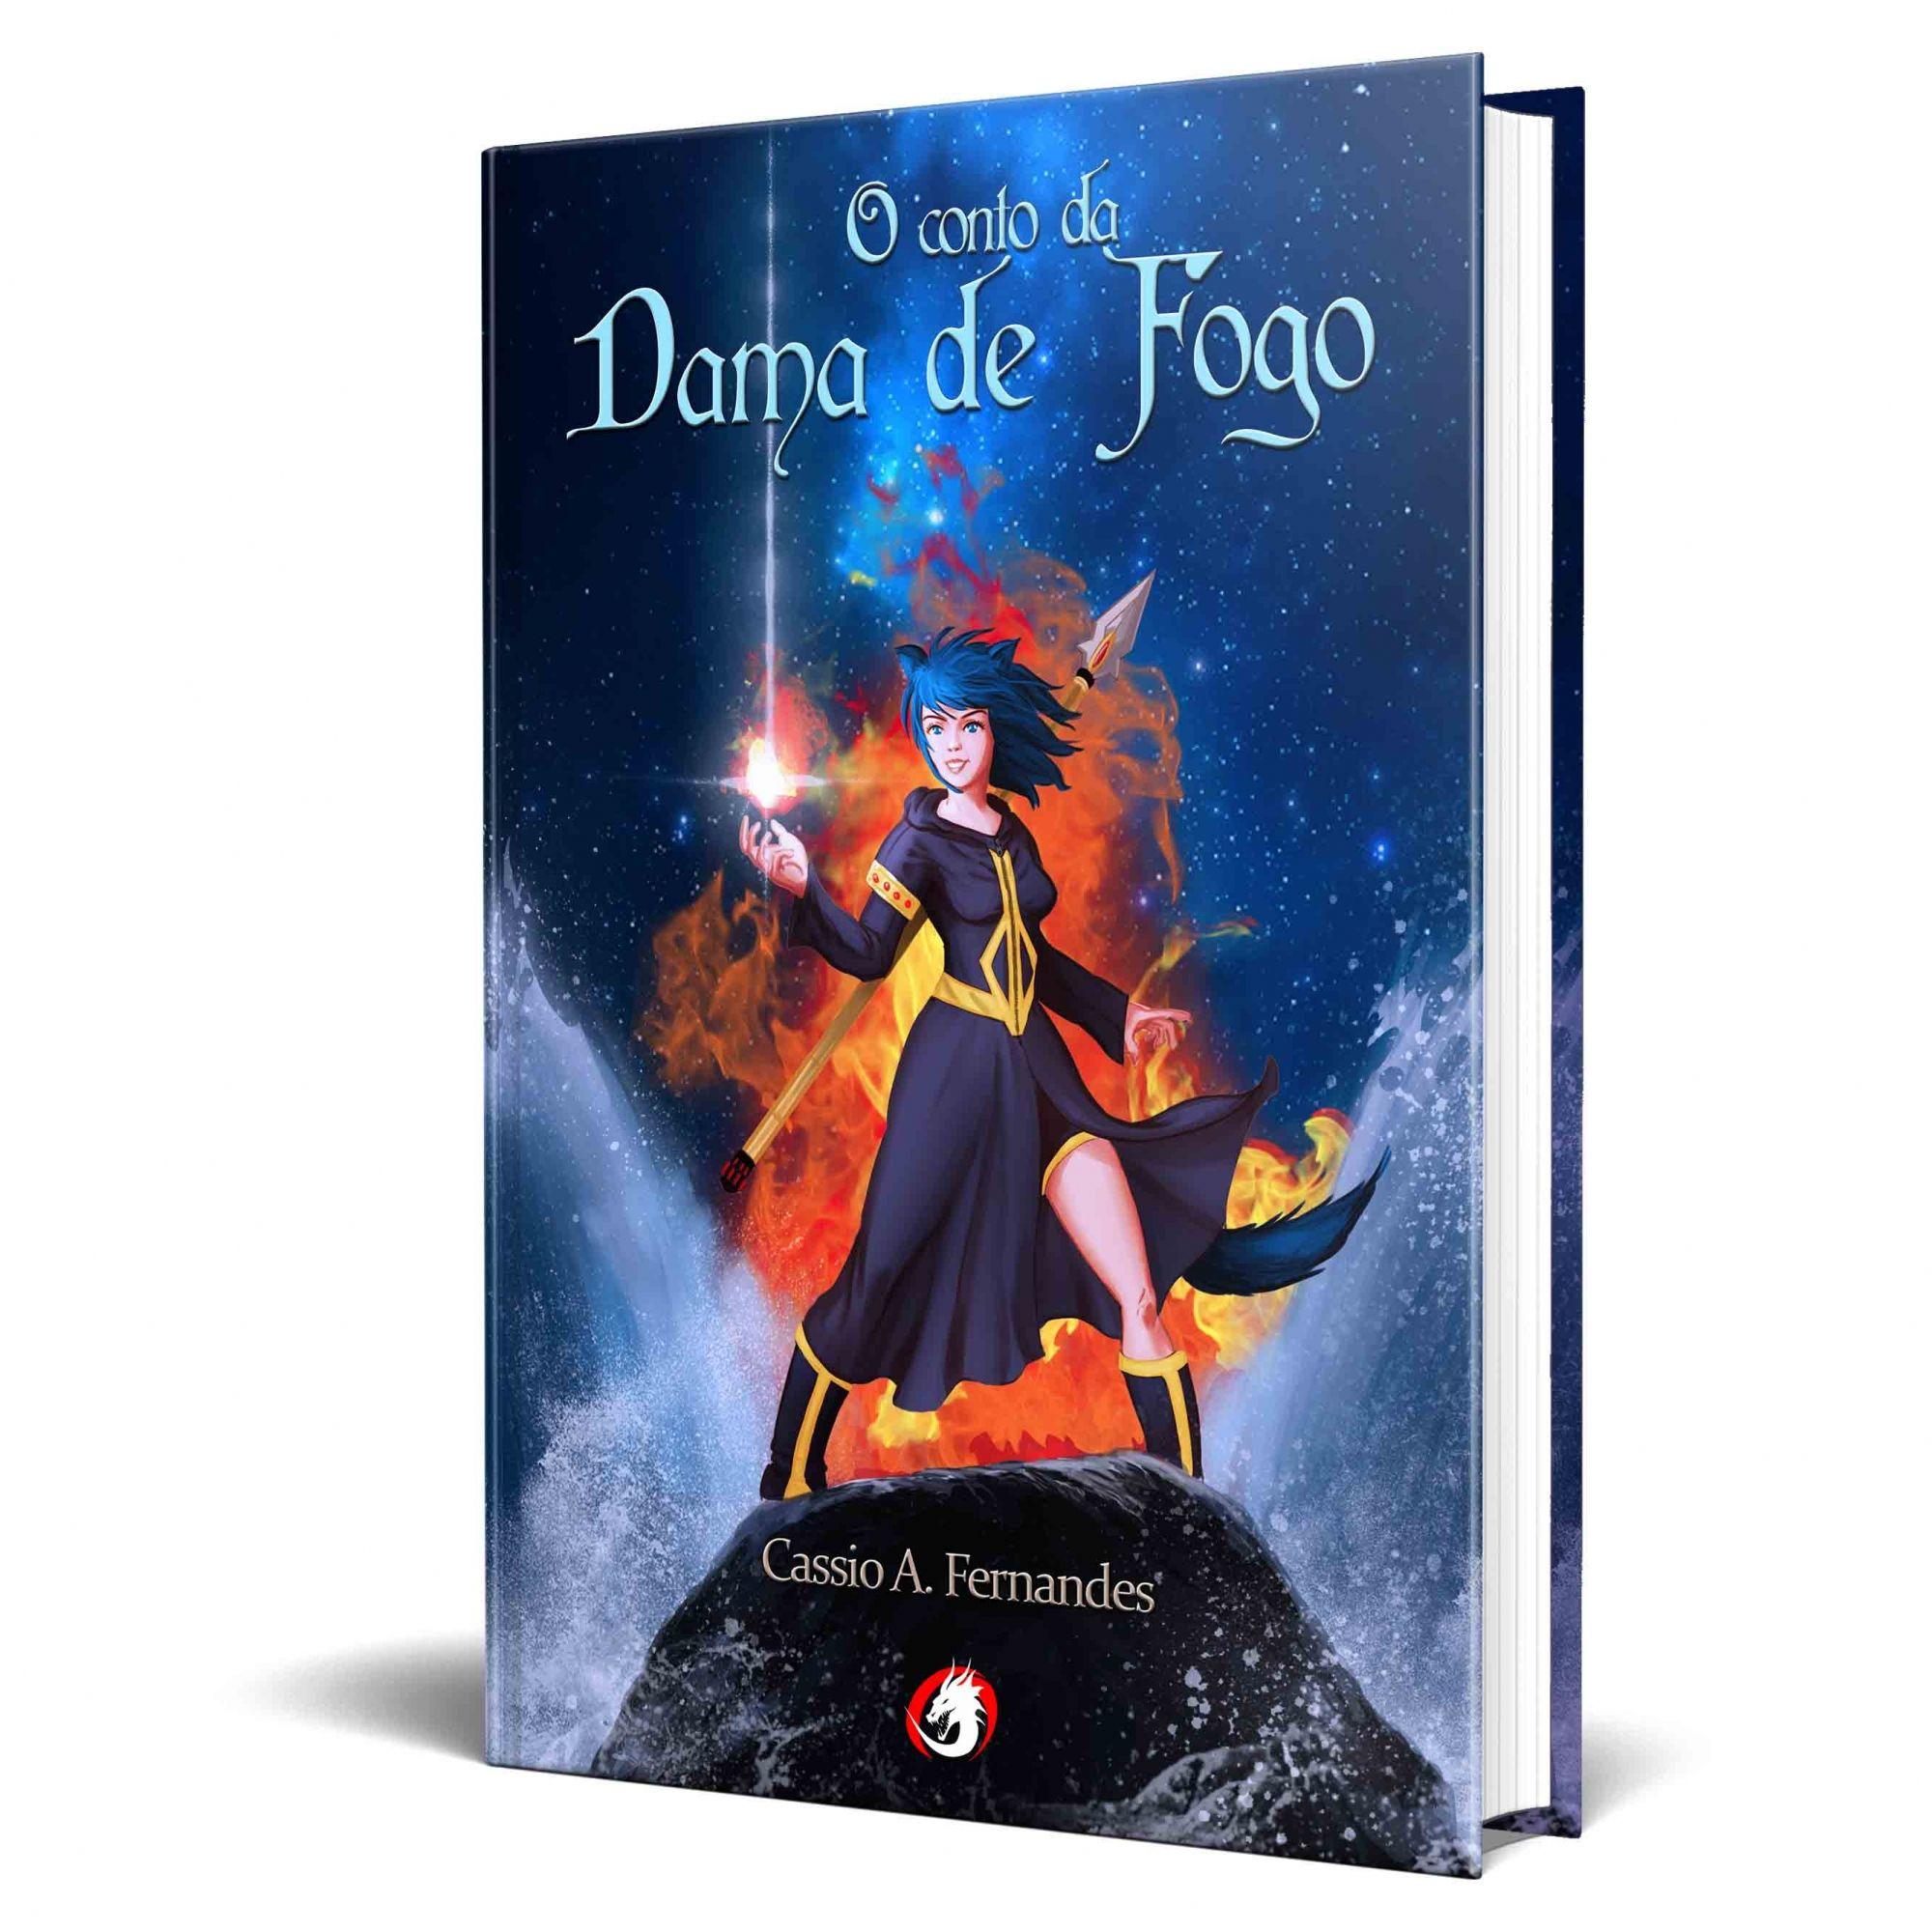 Livro O Conto da Dama de Fogo